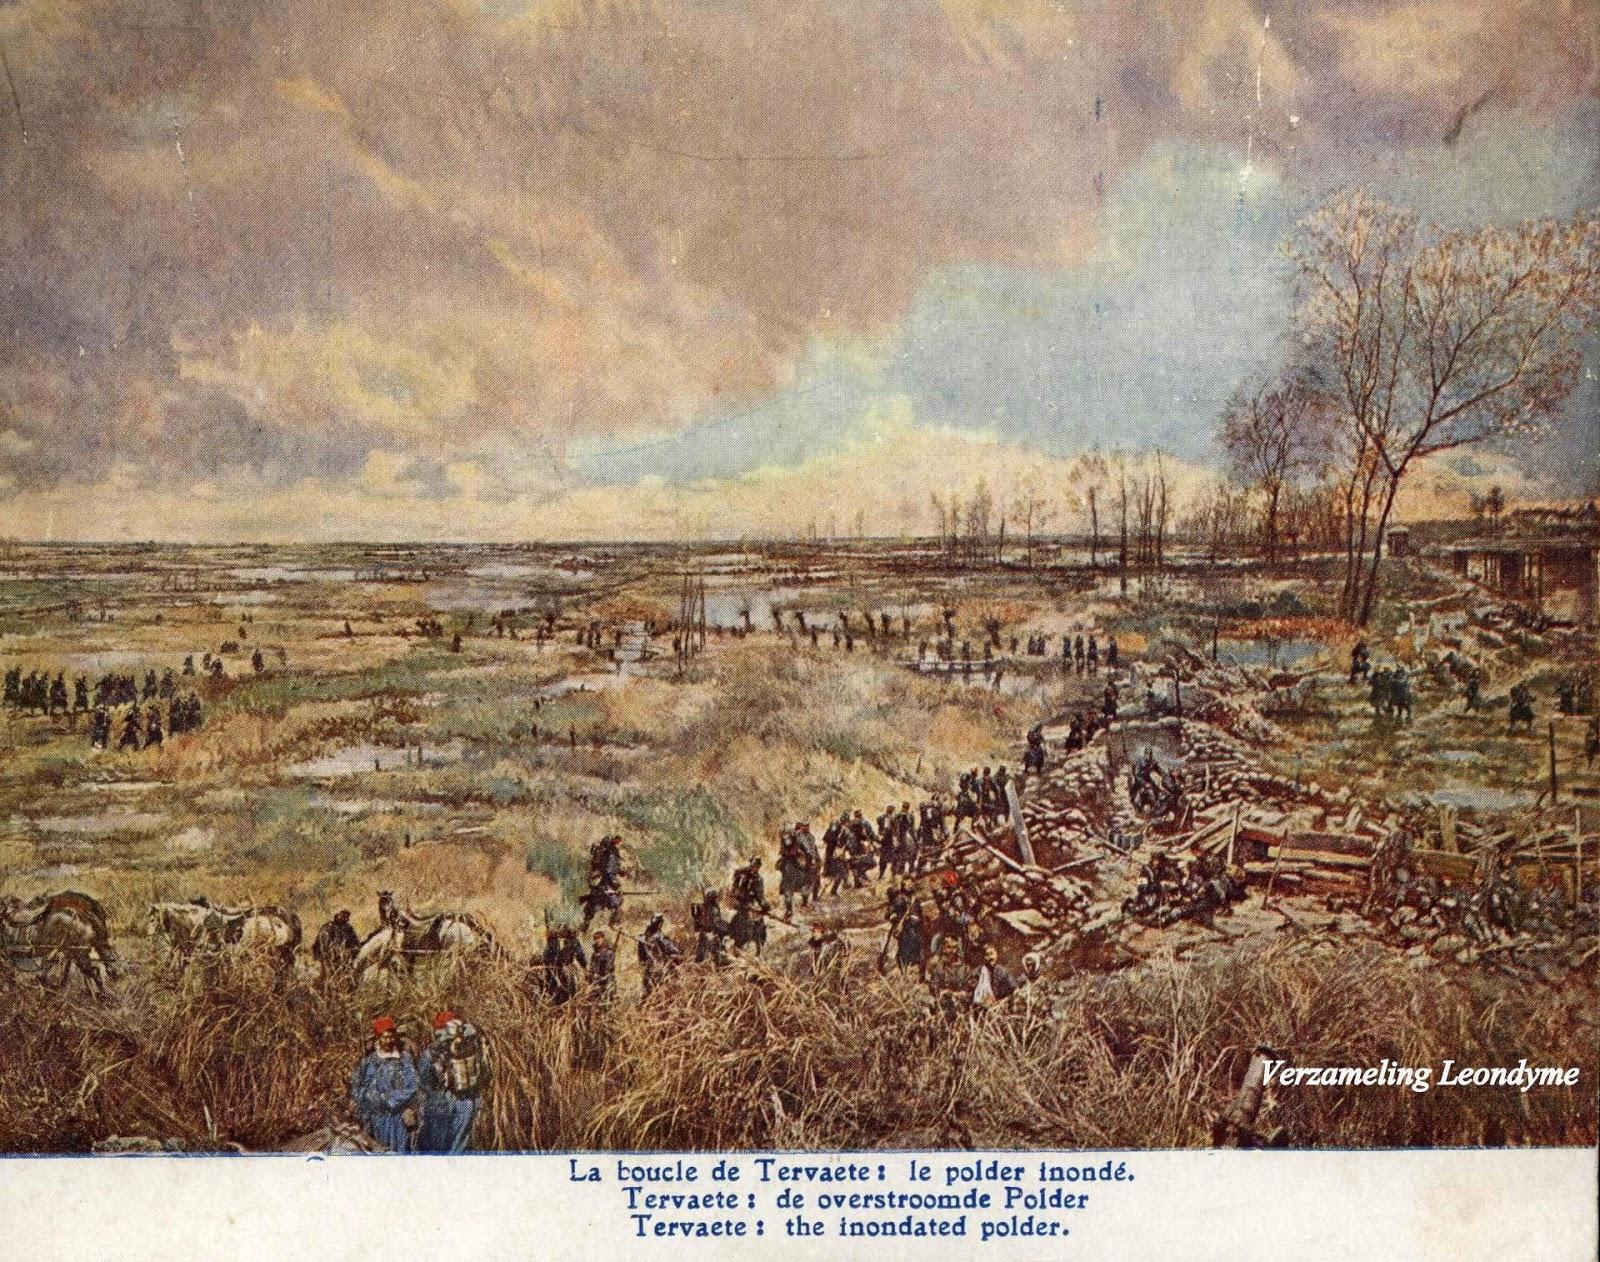 Slag van IJzer door Alfred Bastien.  Tervaete: overstroomde Poldervlakte. Verzameling Leondyme